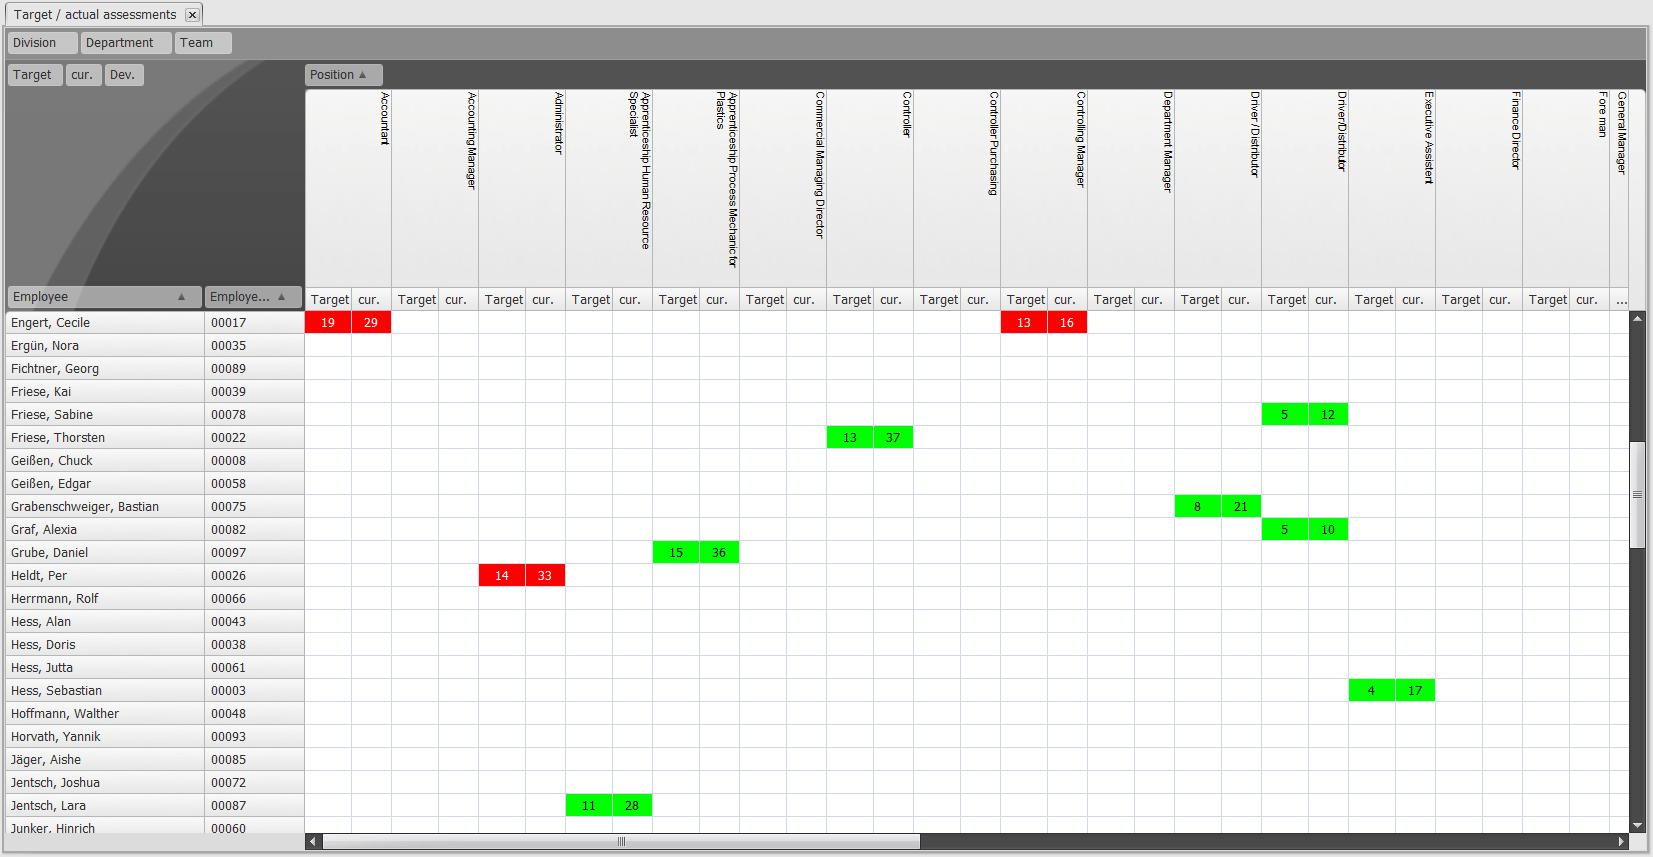 Target / Actual Matrix